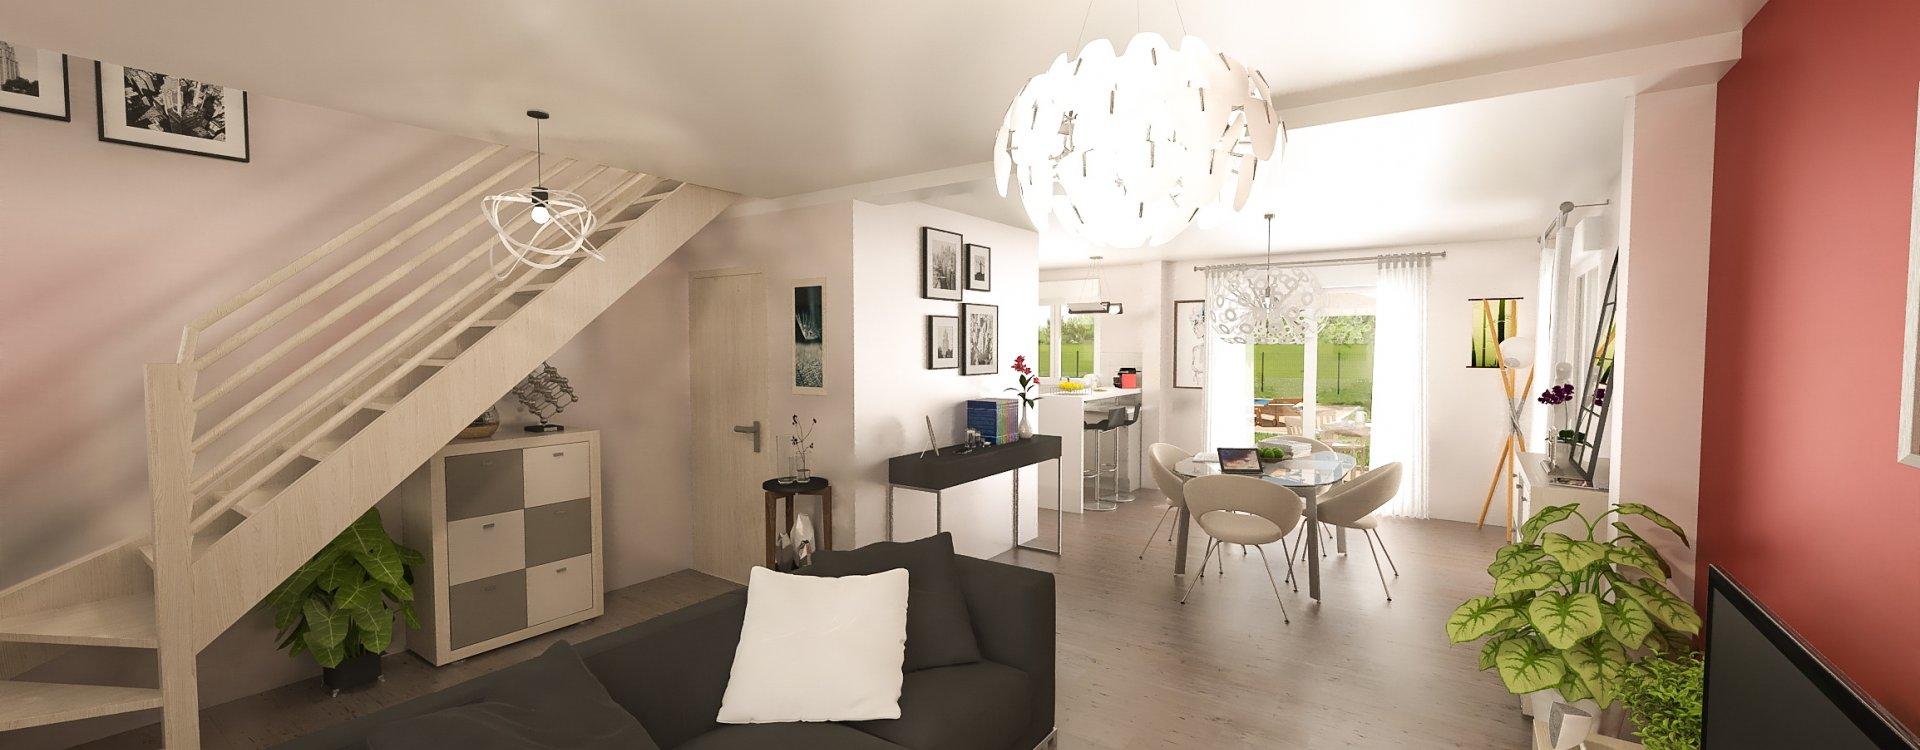 Maisons + Terrains du constructeur EASY HOUSE • 114 m² • CHECY